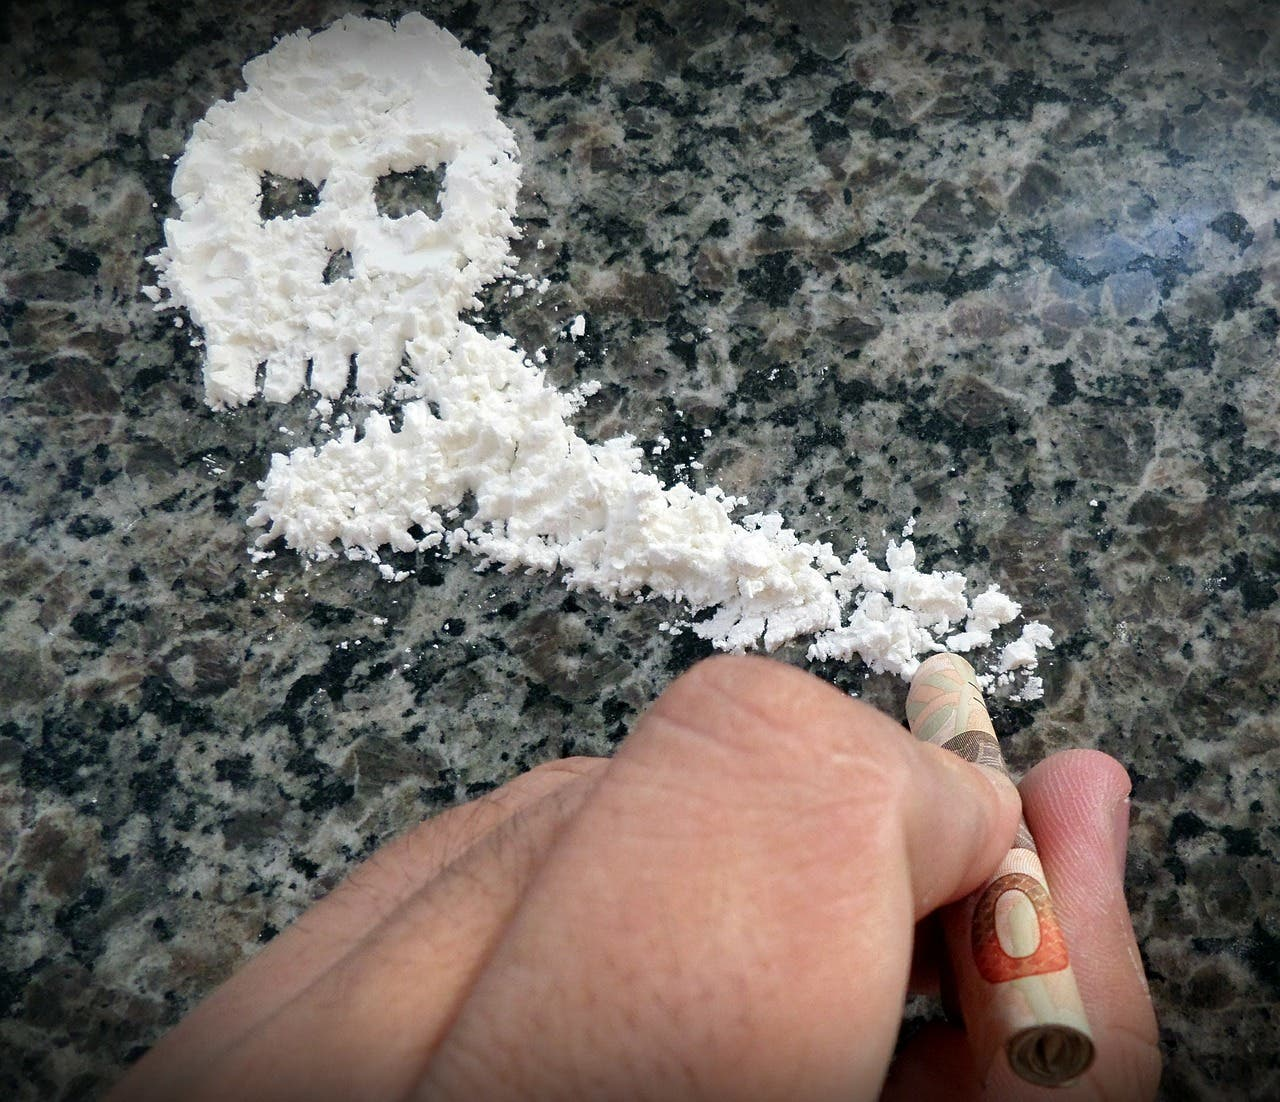 ¿Cuánta droga puedo llevar encima sin que me detengan?